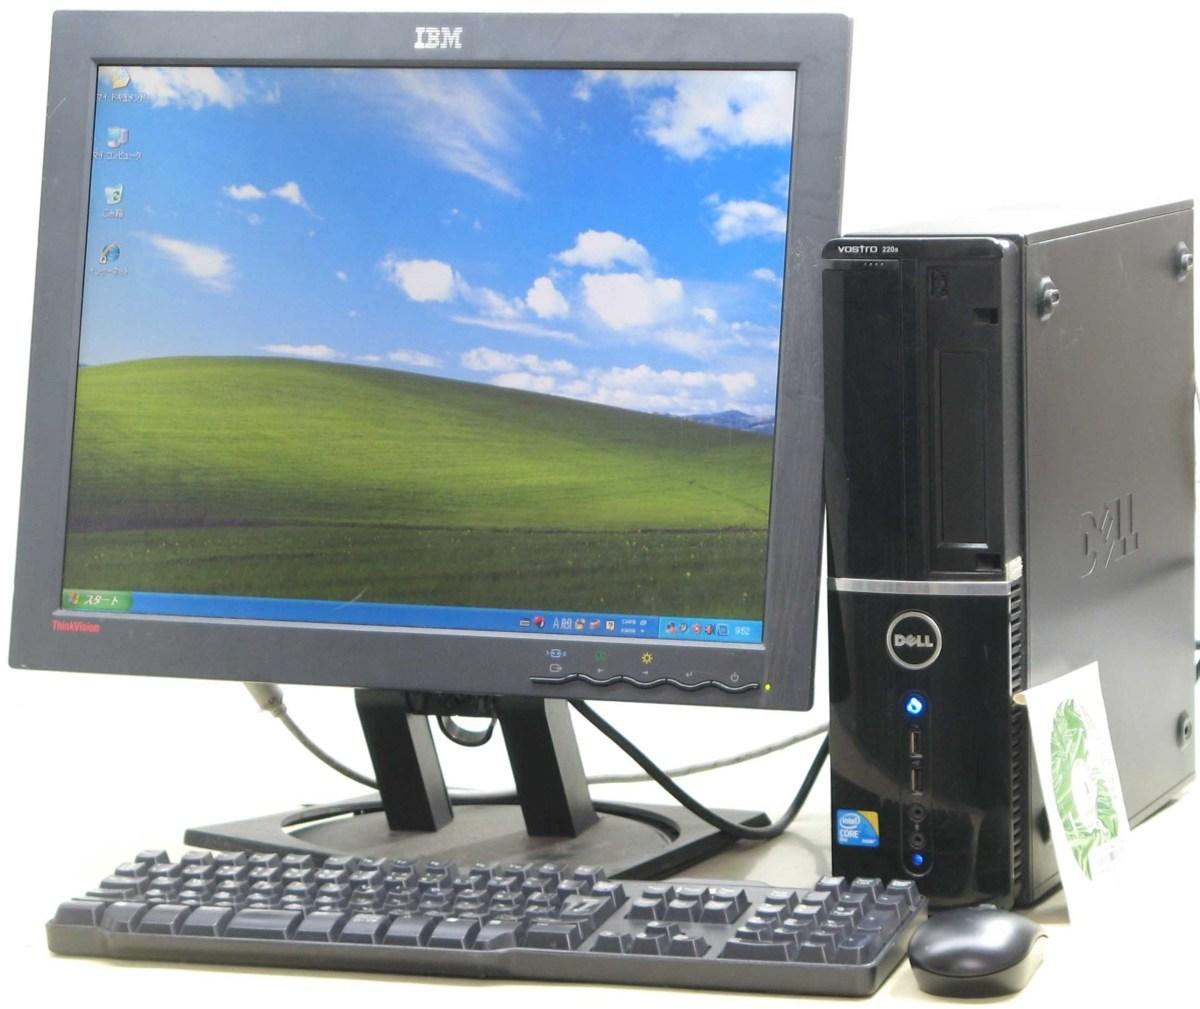 中古デスクトップパソコン DELL Vostro 220S-E7500SF 20液晶セット デル WindowsXP メモリ2GB 中古パソコン 中古PC